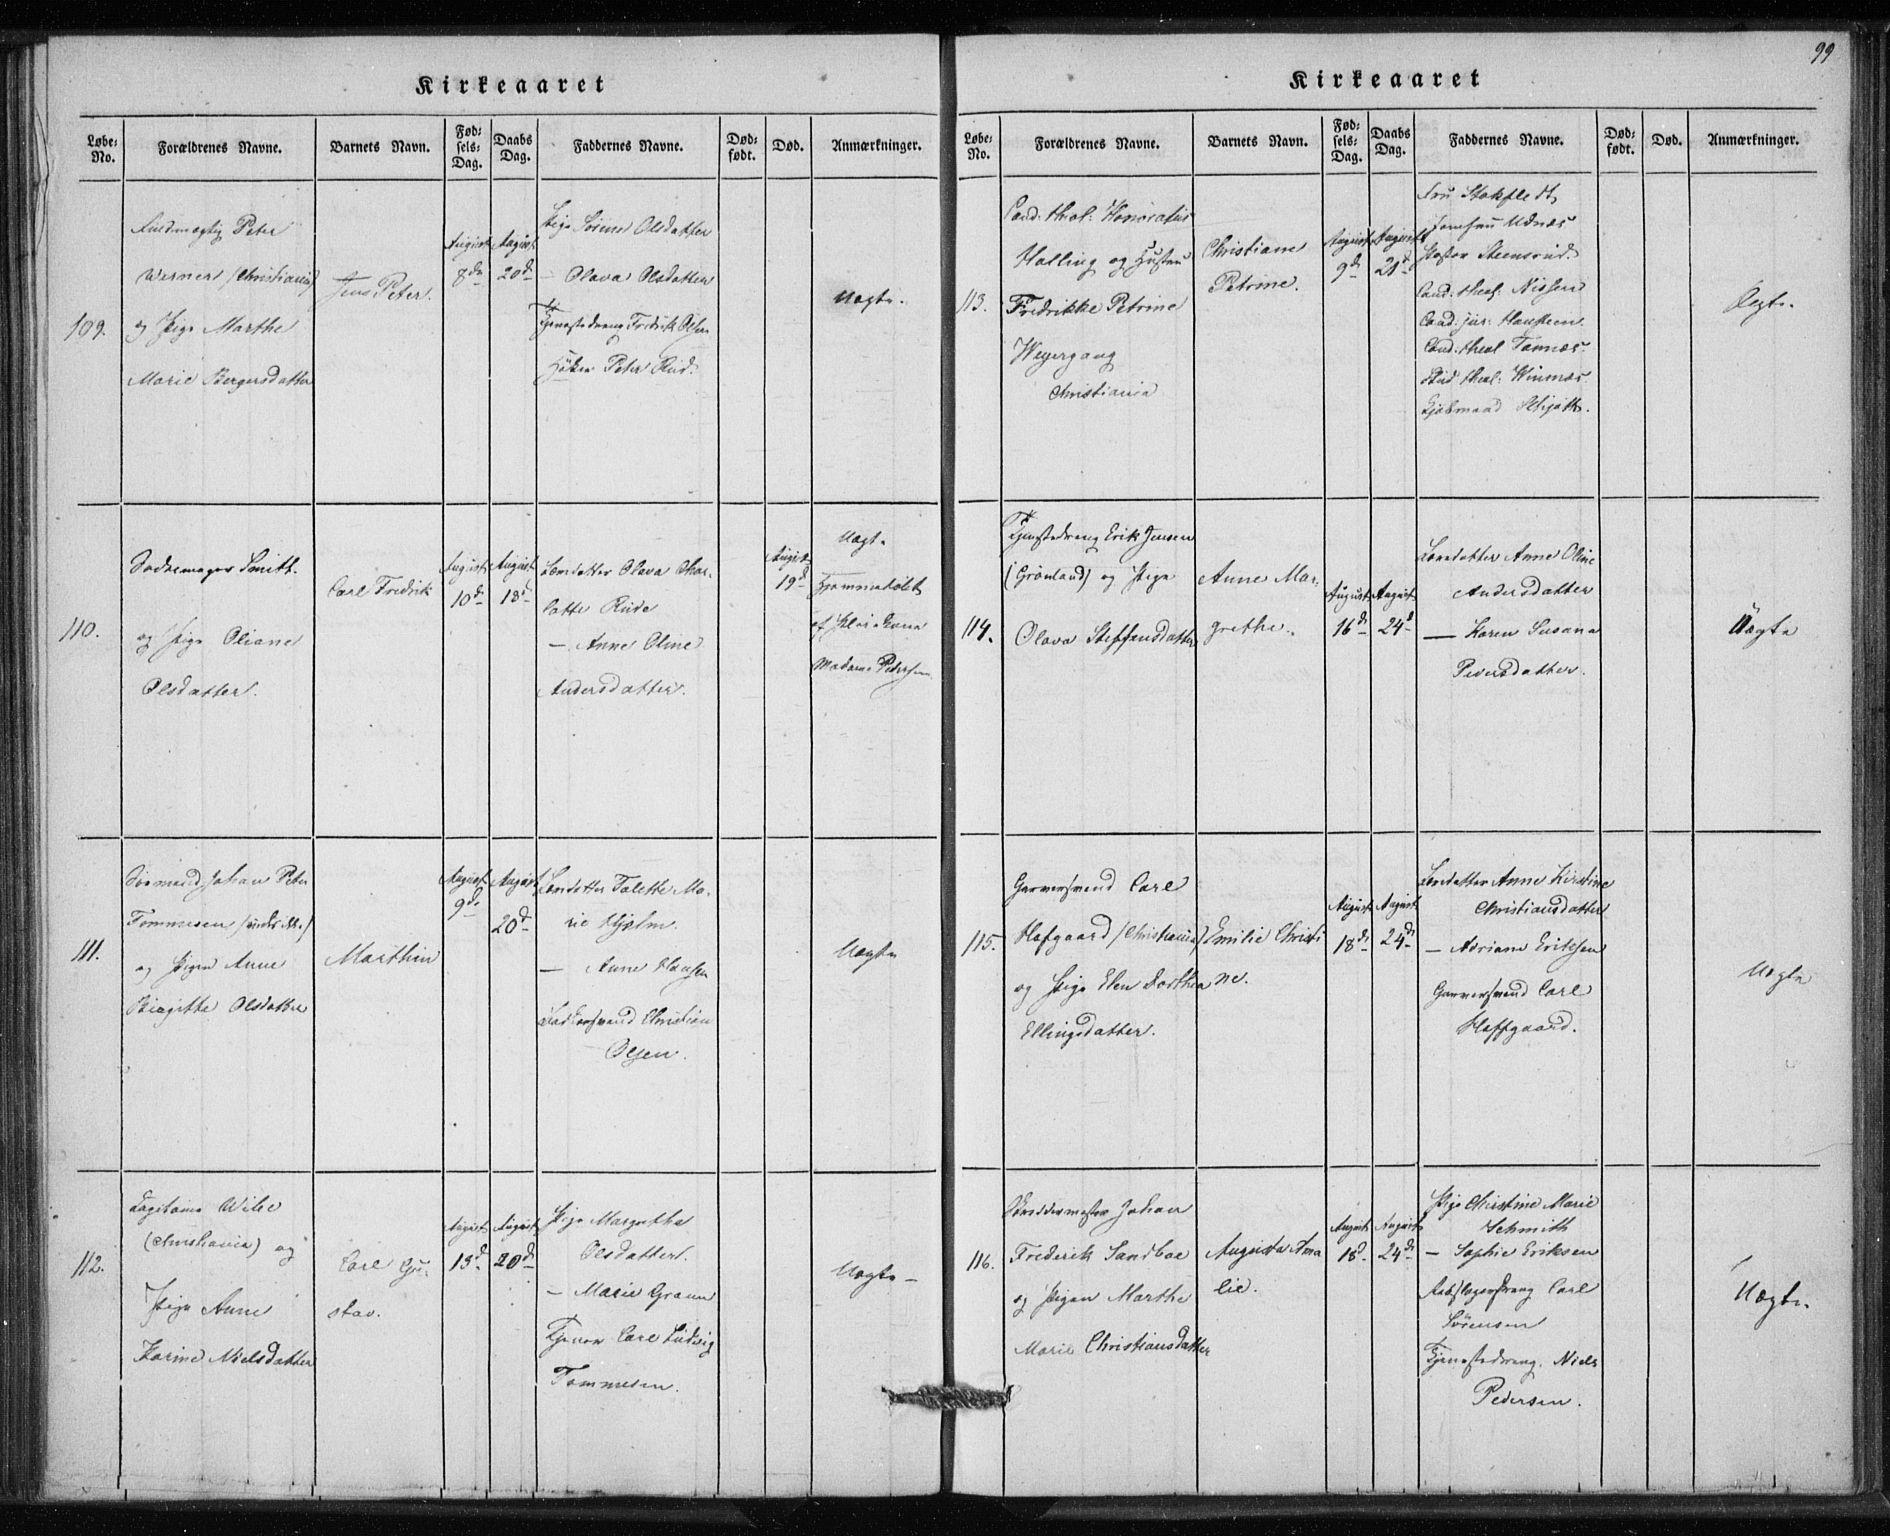 SAO, Rikshospitalet prestekontor Kirkebøker, K/L0001: Dåpsbok nr. 1.2, 1842-1847, s. 99